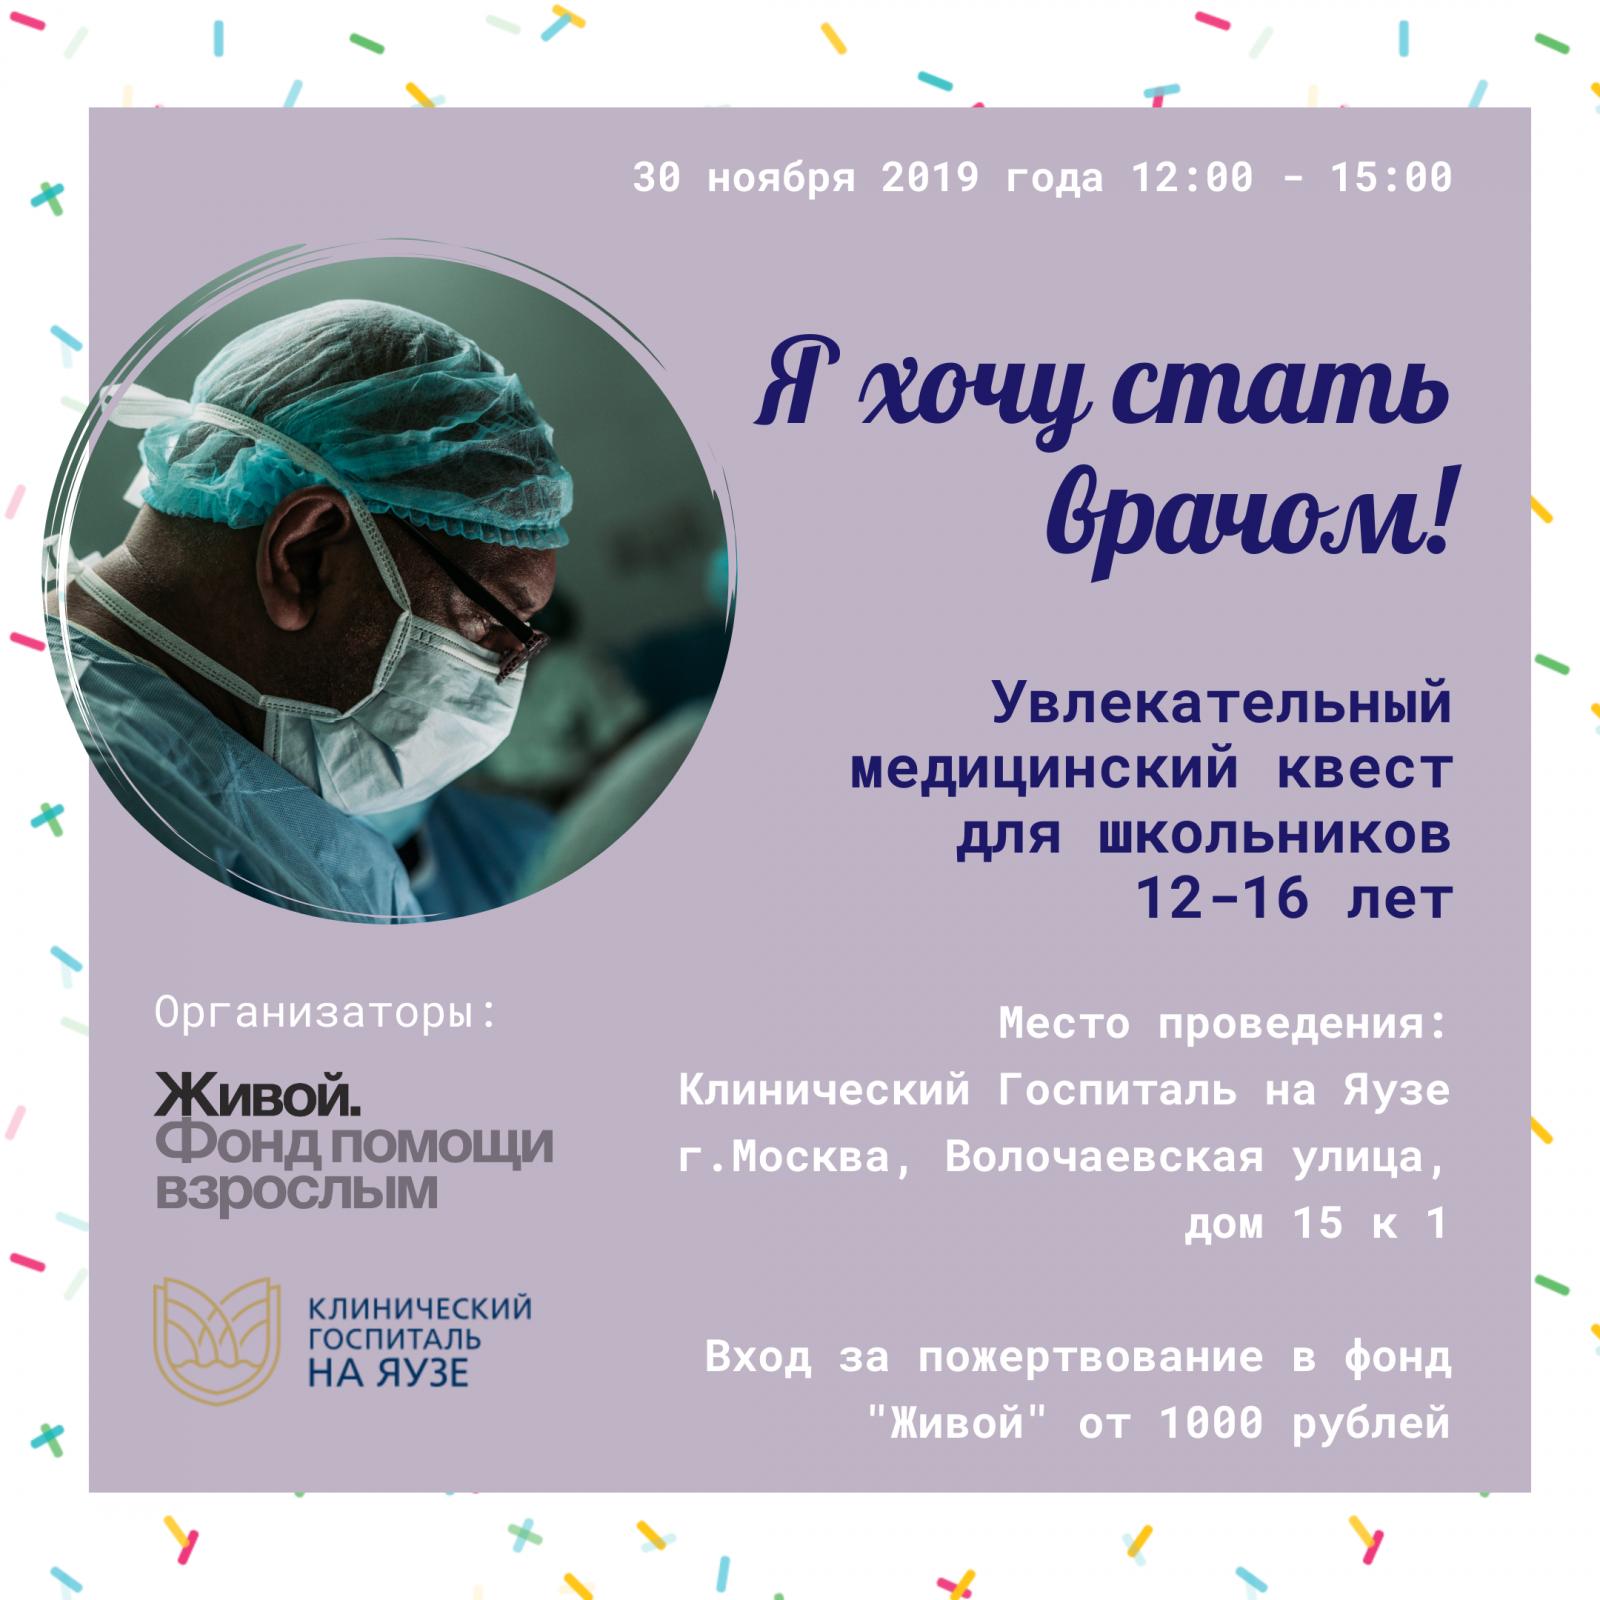 Thumbnail for - Второй медицинский квест от фонда «Живой»